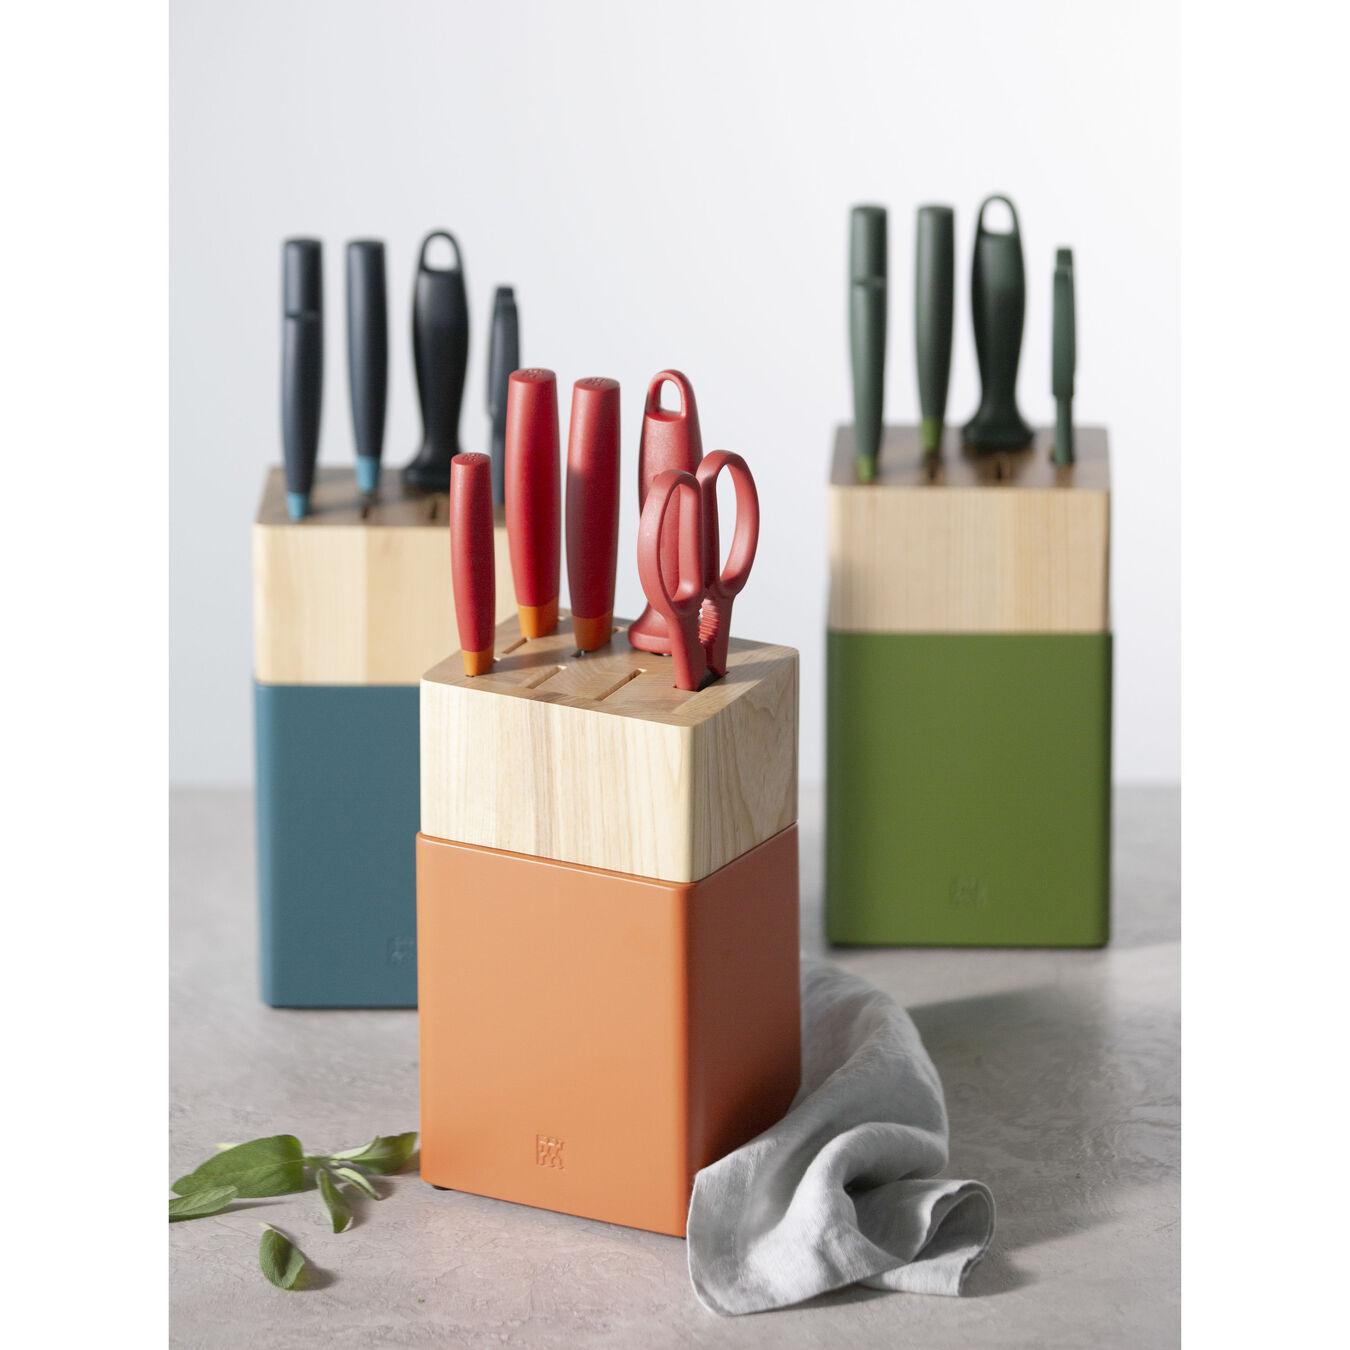 8-pc, Knife block set, orange,,large 5